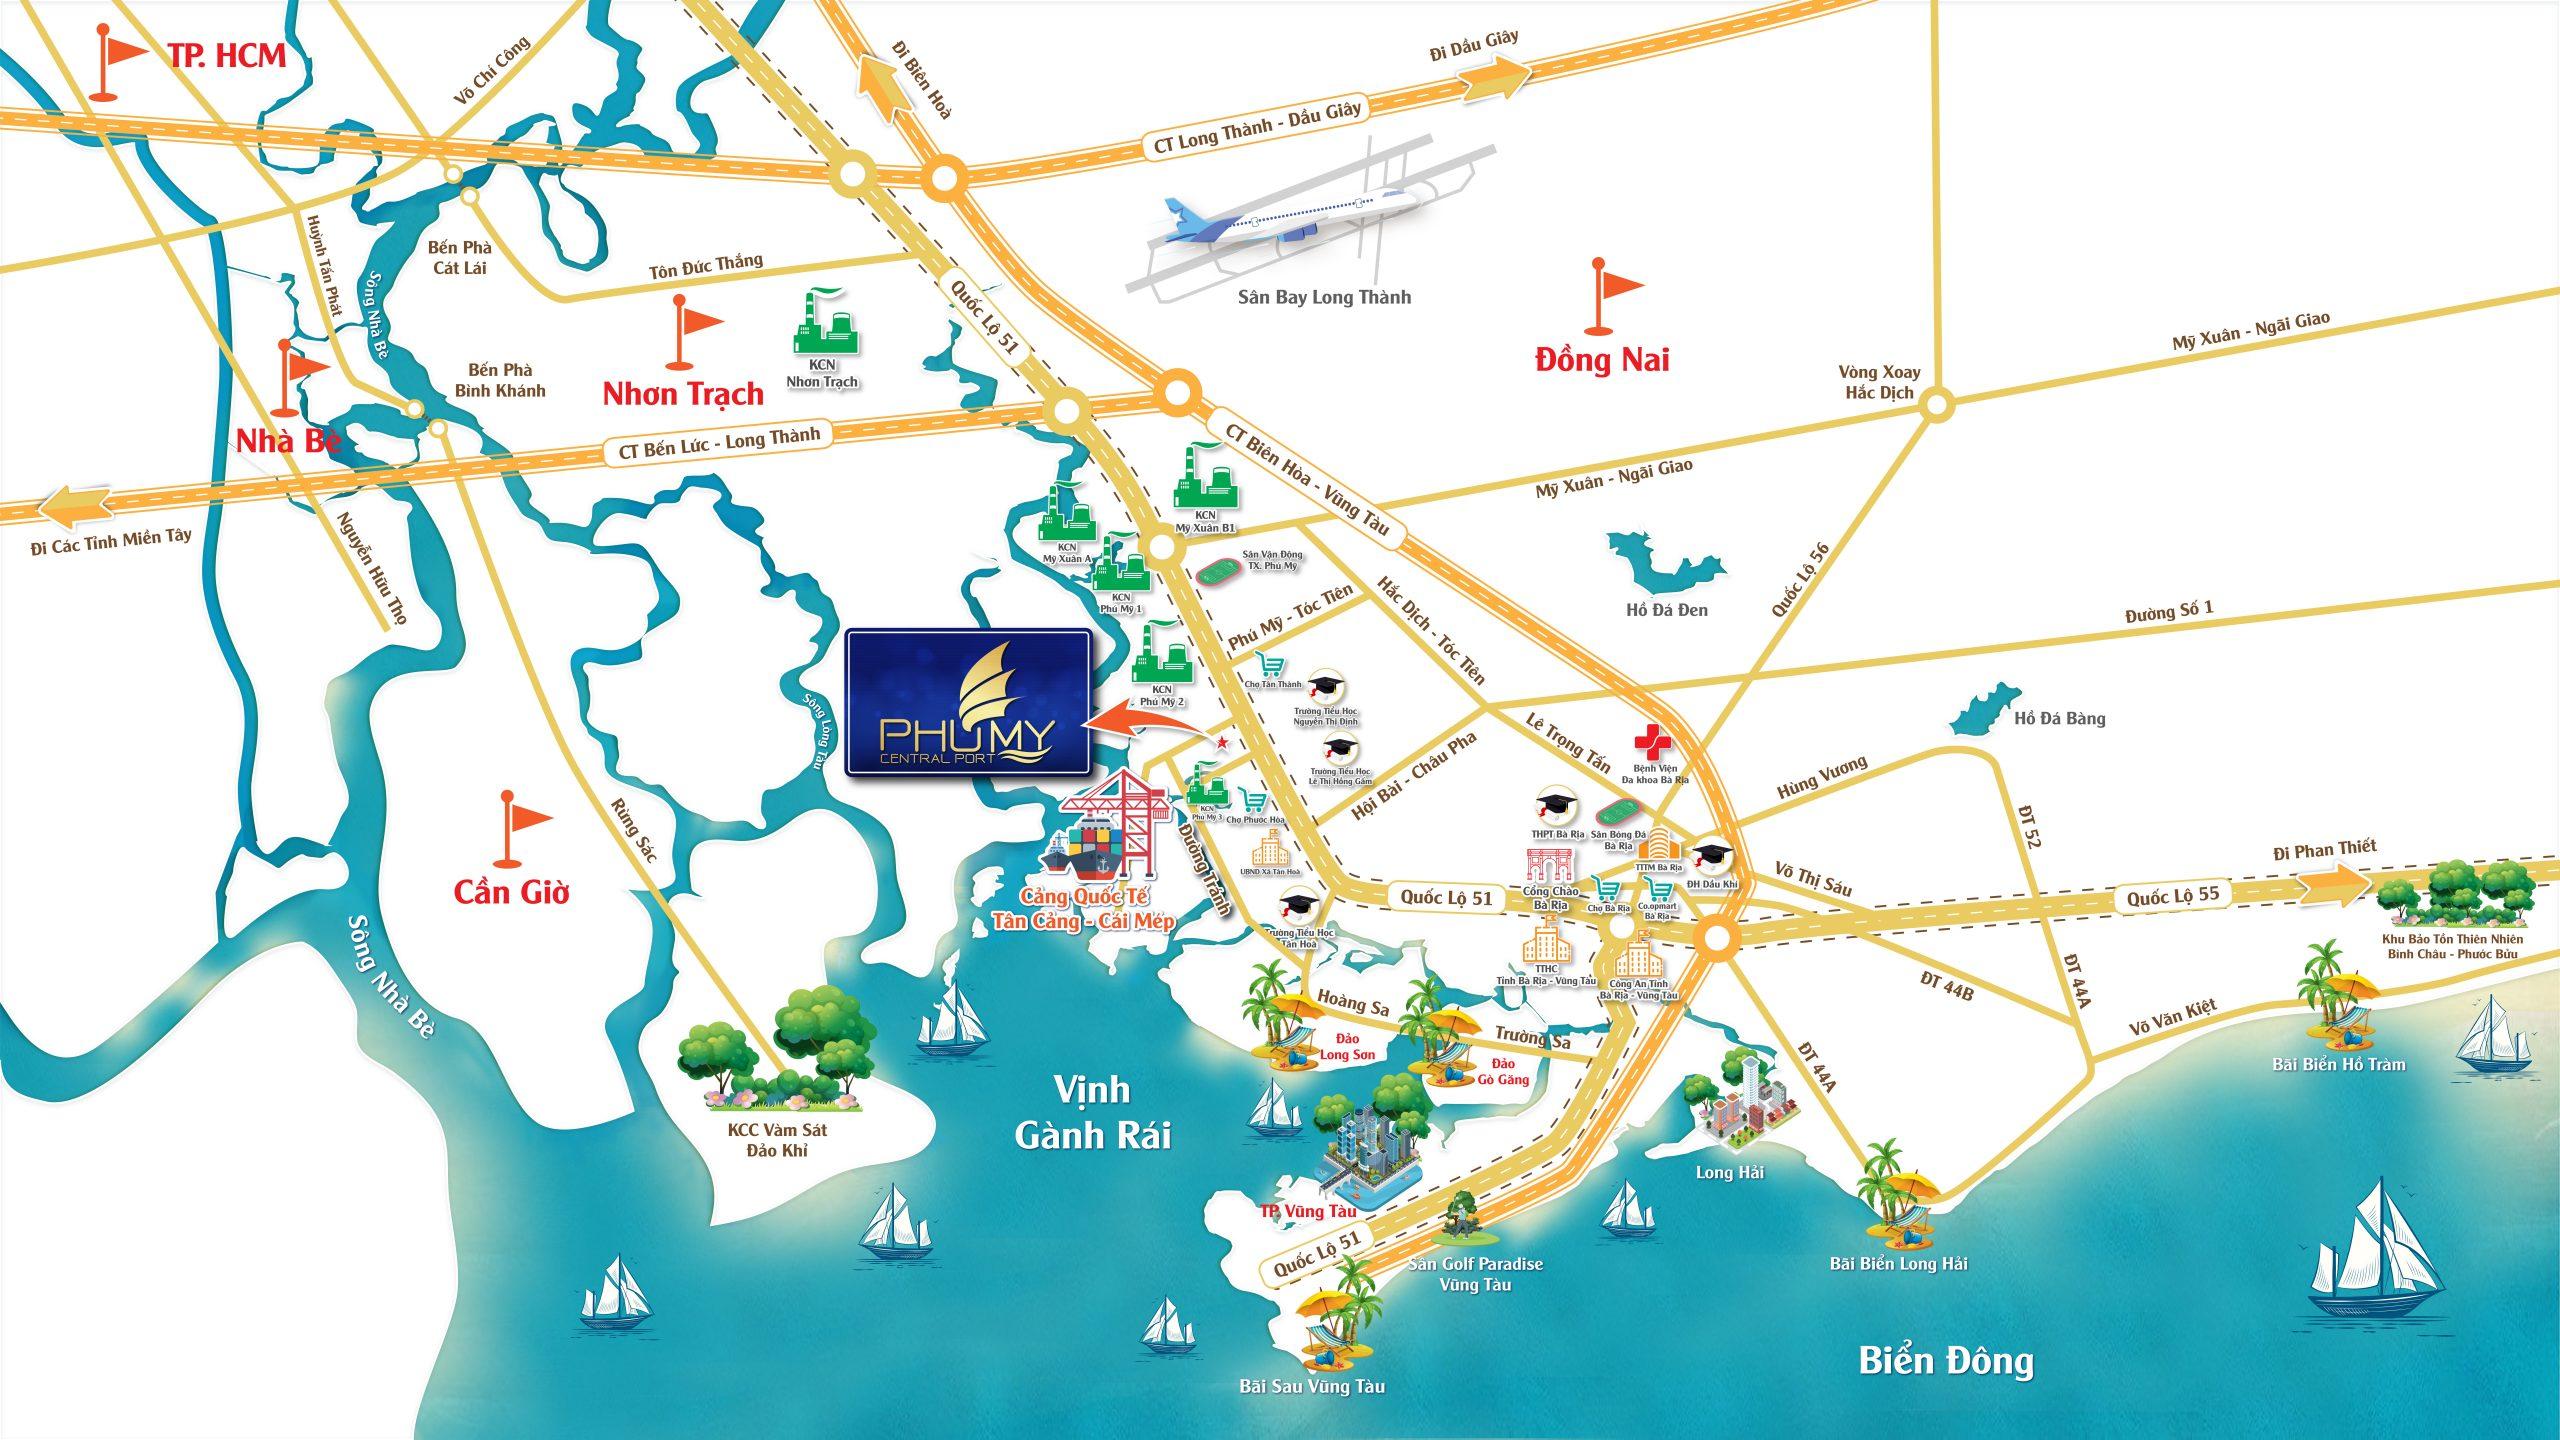 Vị trí dự án Phú Mỹ Central Port Bà Rịa Vũng Tàu